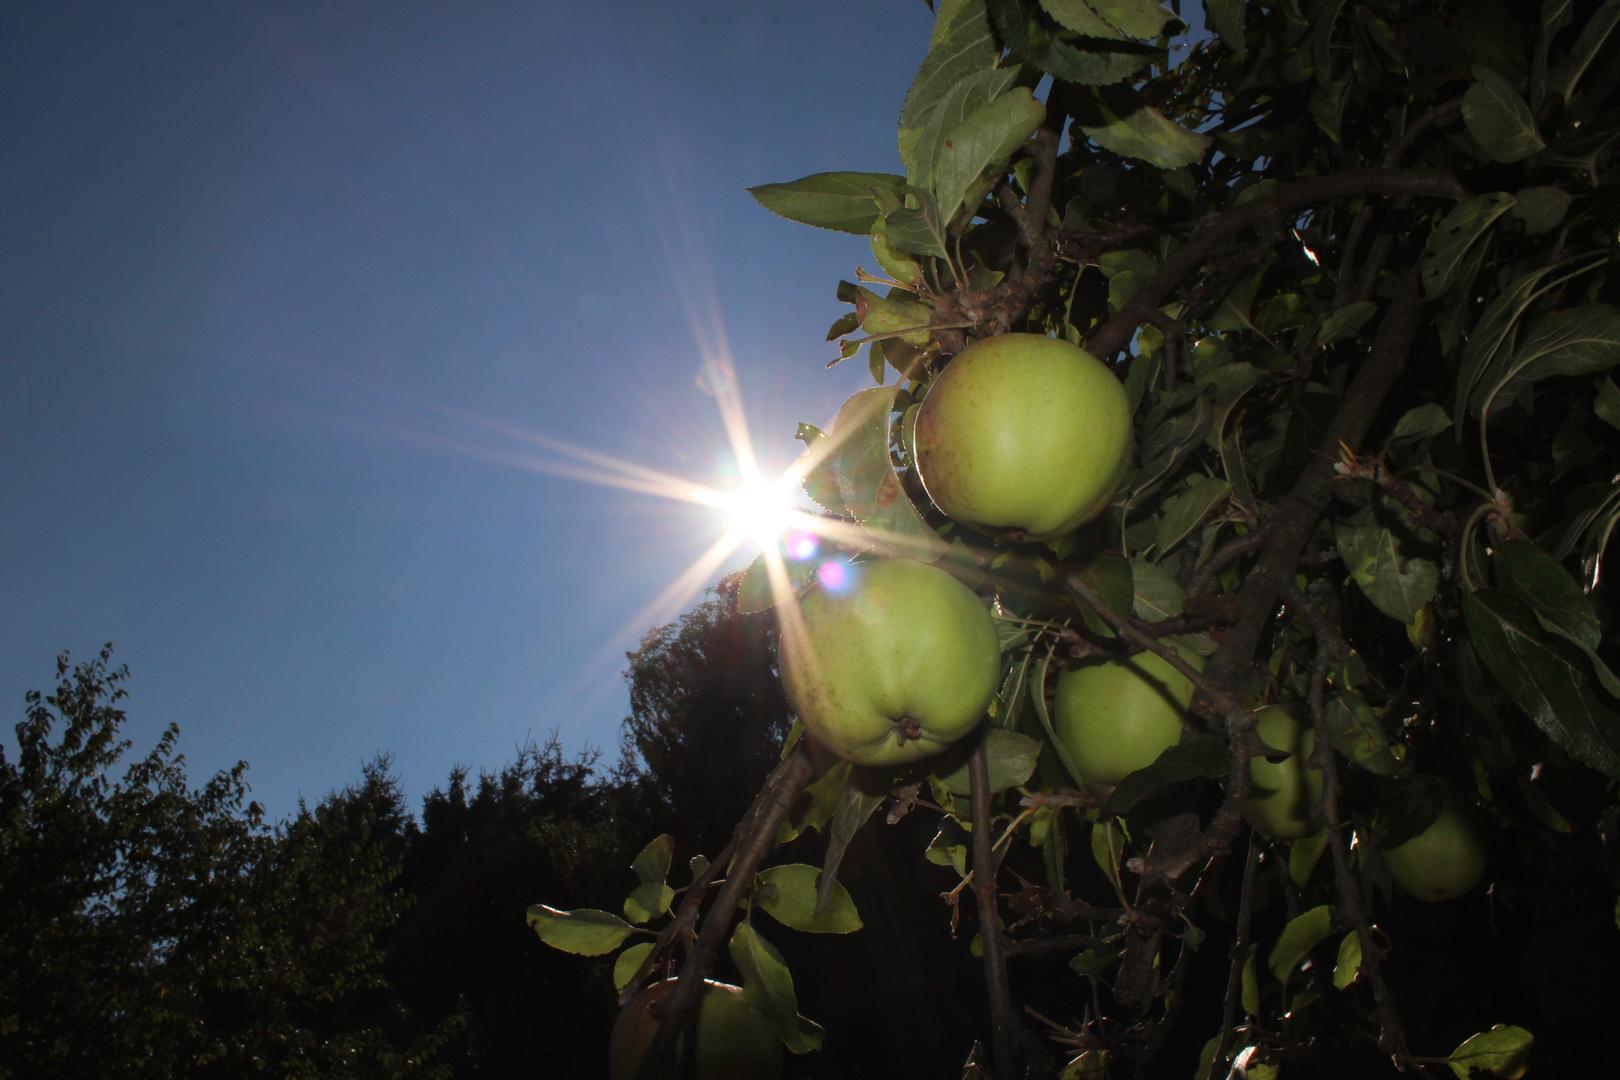 Äpfel im Sonnenschein